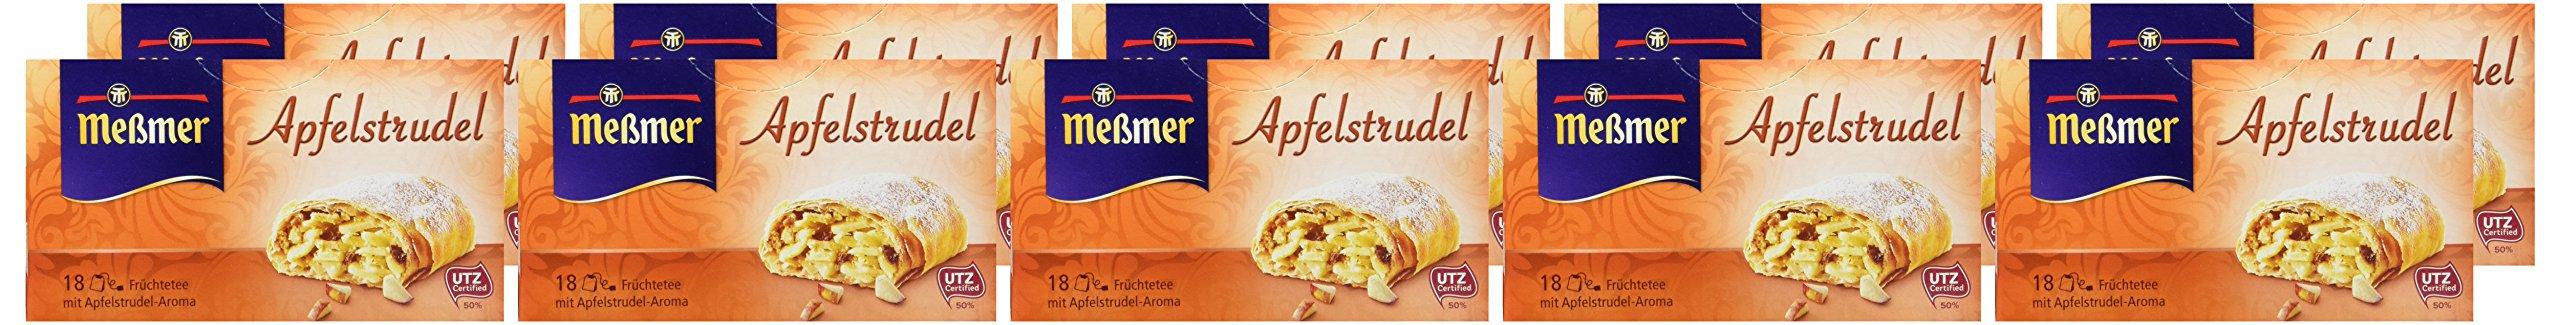 Memer-Apfelstrudel-18-Beutel-10er-Pack-10-x-405-g